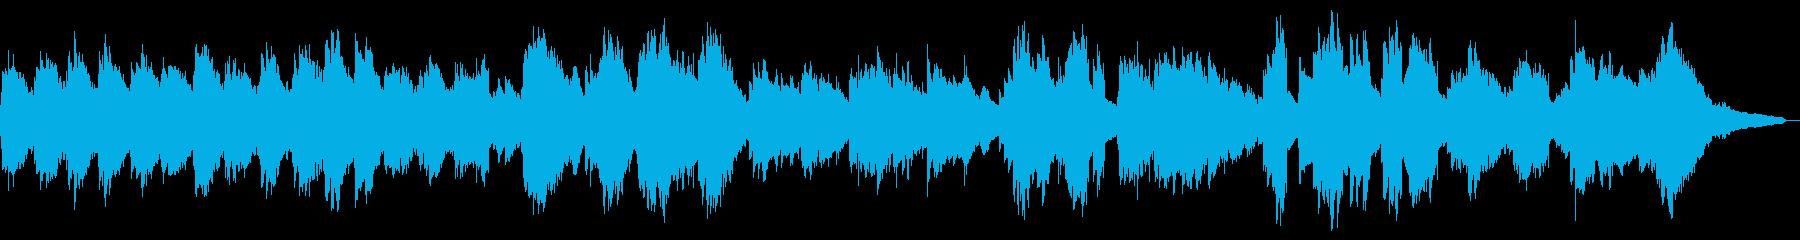 やさしくなだめるような癒される電子ピアノの再生済みの波形